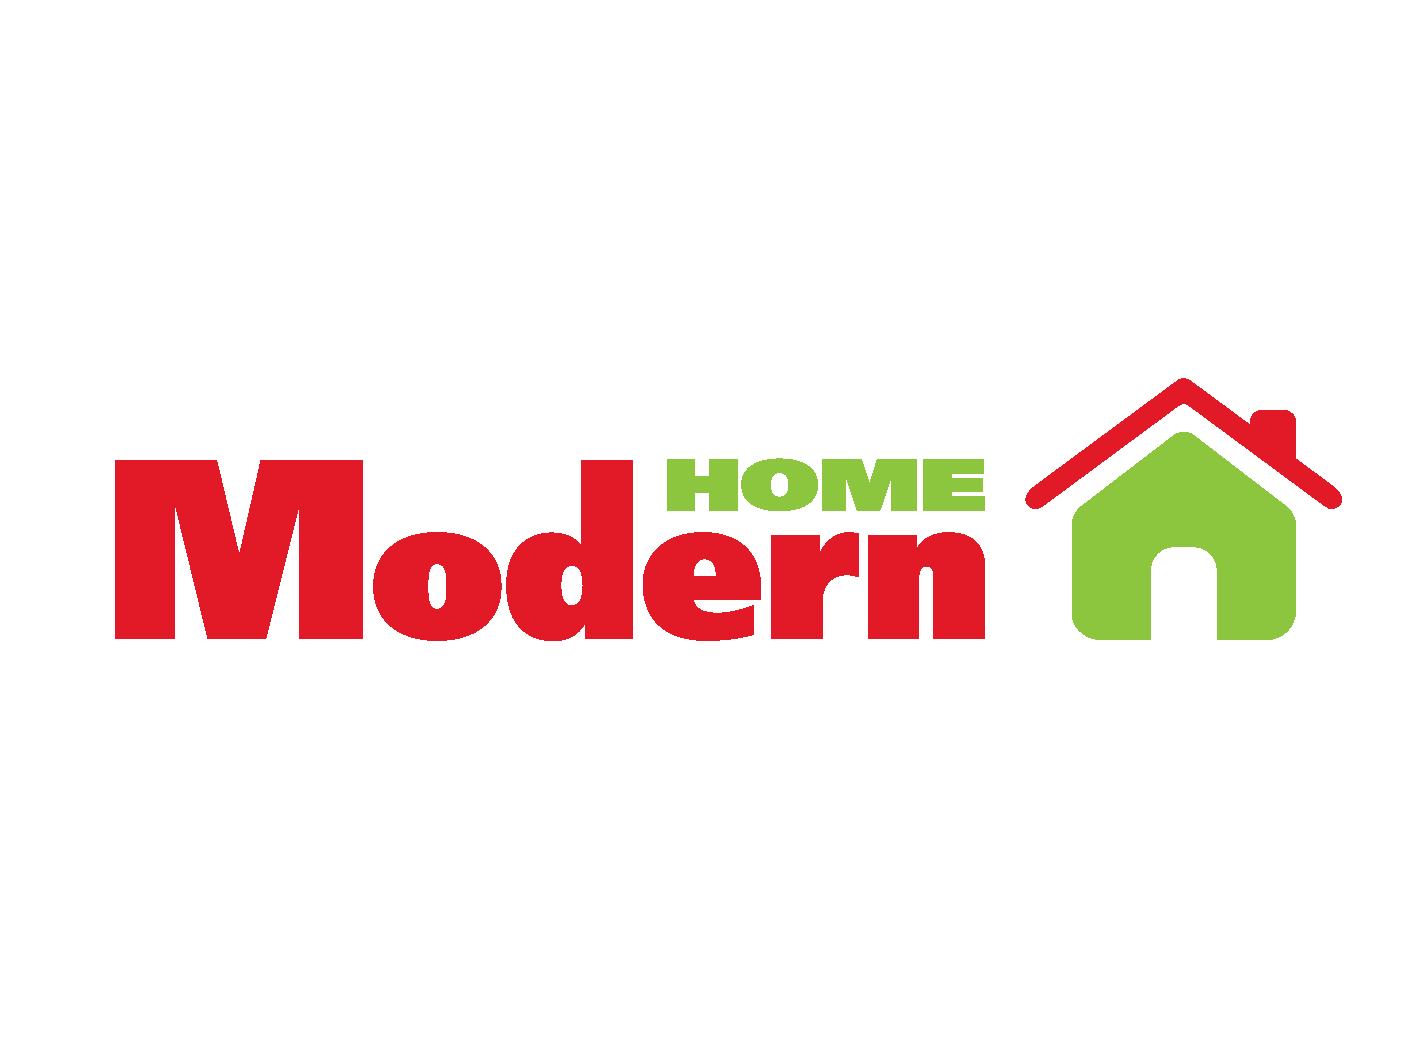 Создание логотипа мебельной компании LANS. Разработаны логотип и цветовое решение.